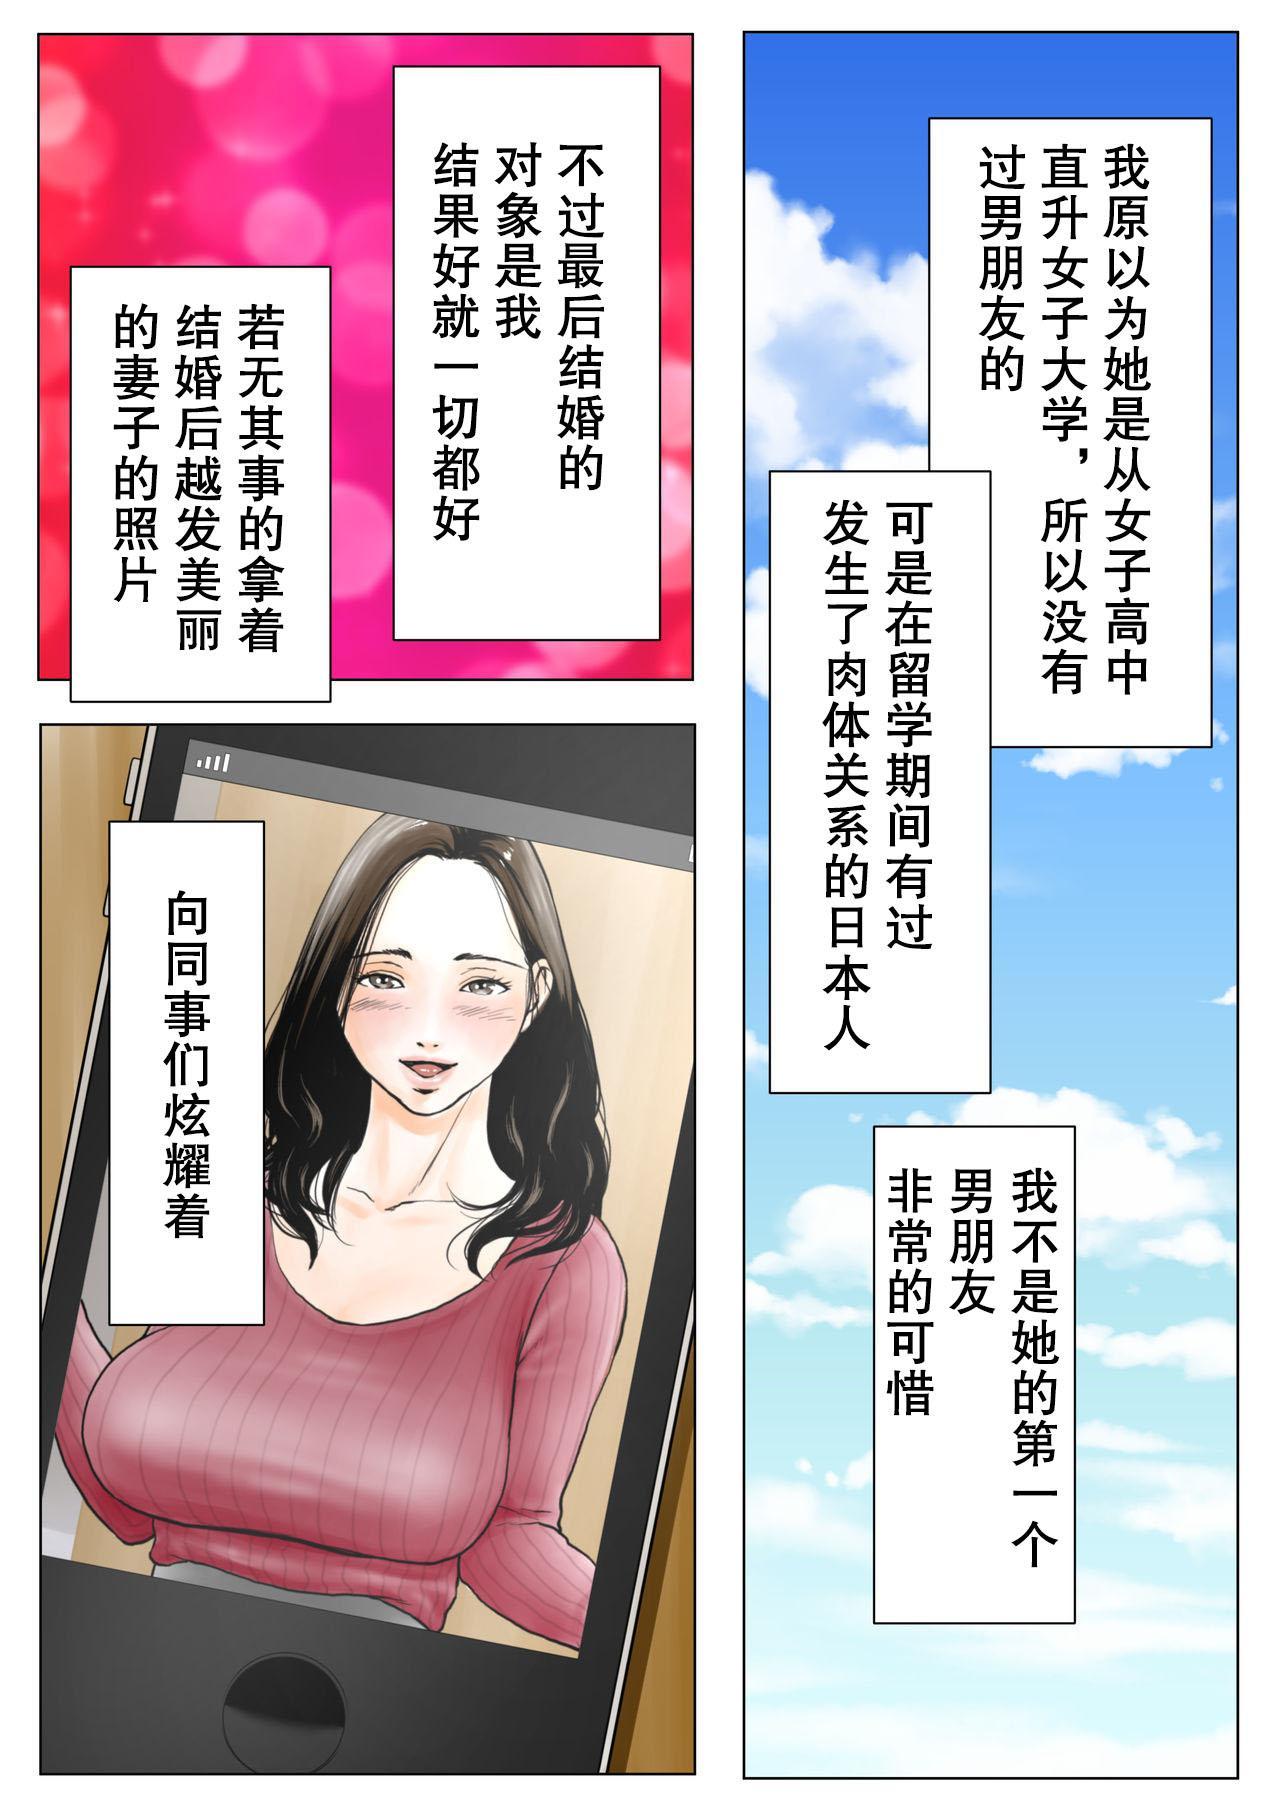 [W no Honnou] Shin, Boku no Tsuma to Kyokon no Moto AV Danyuu Buchou[Chinese]【不可视汉化】 6